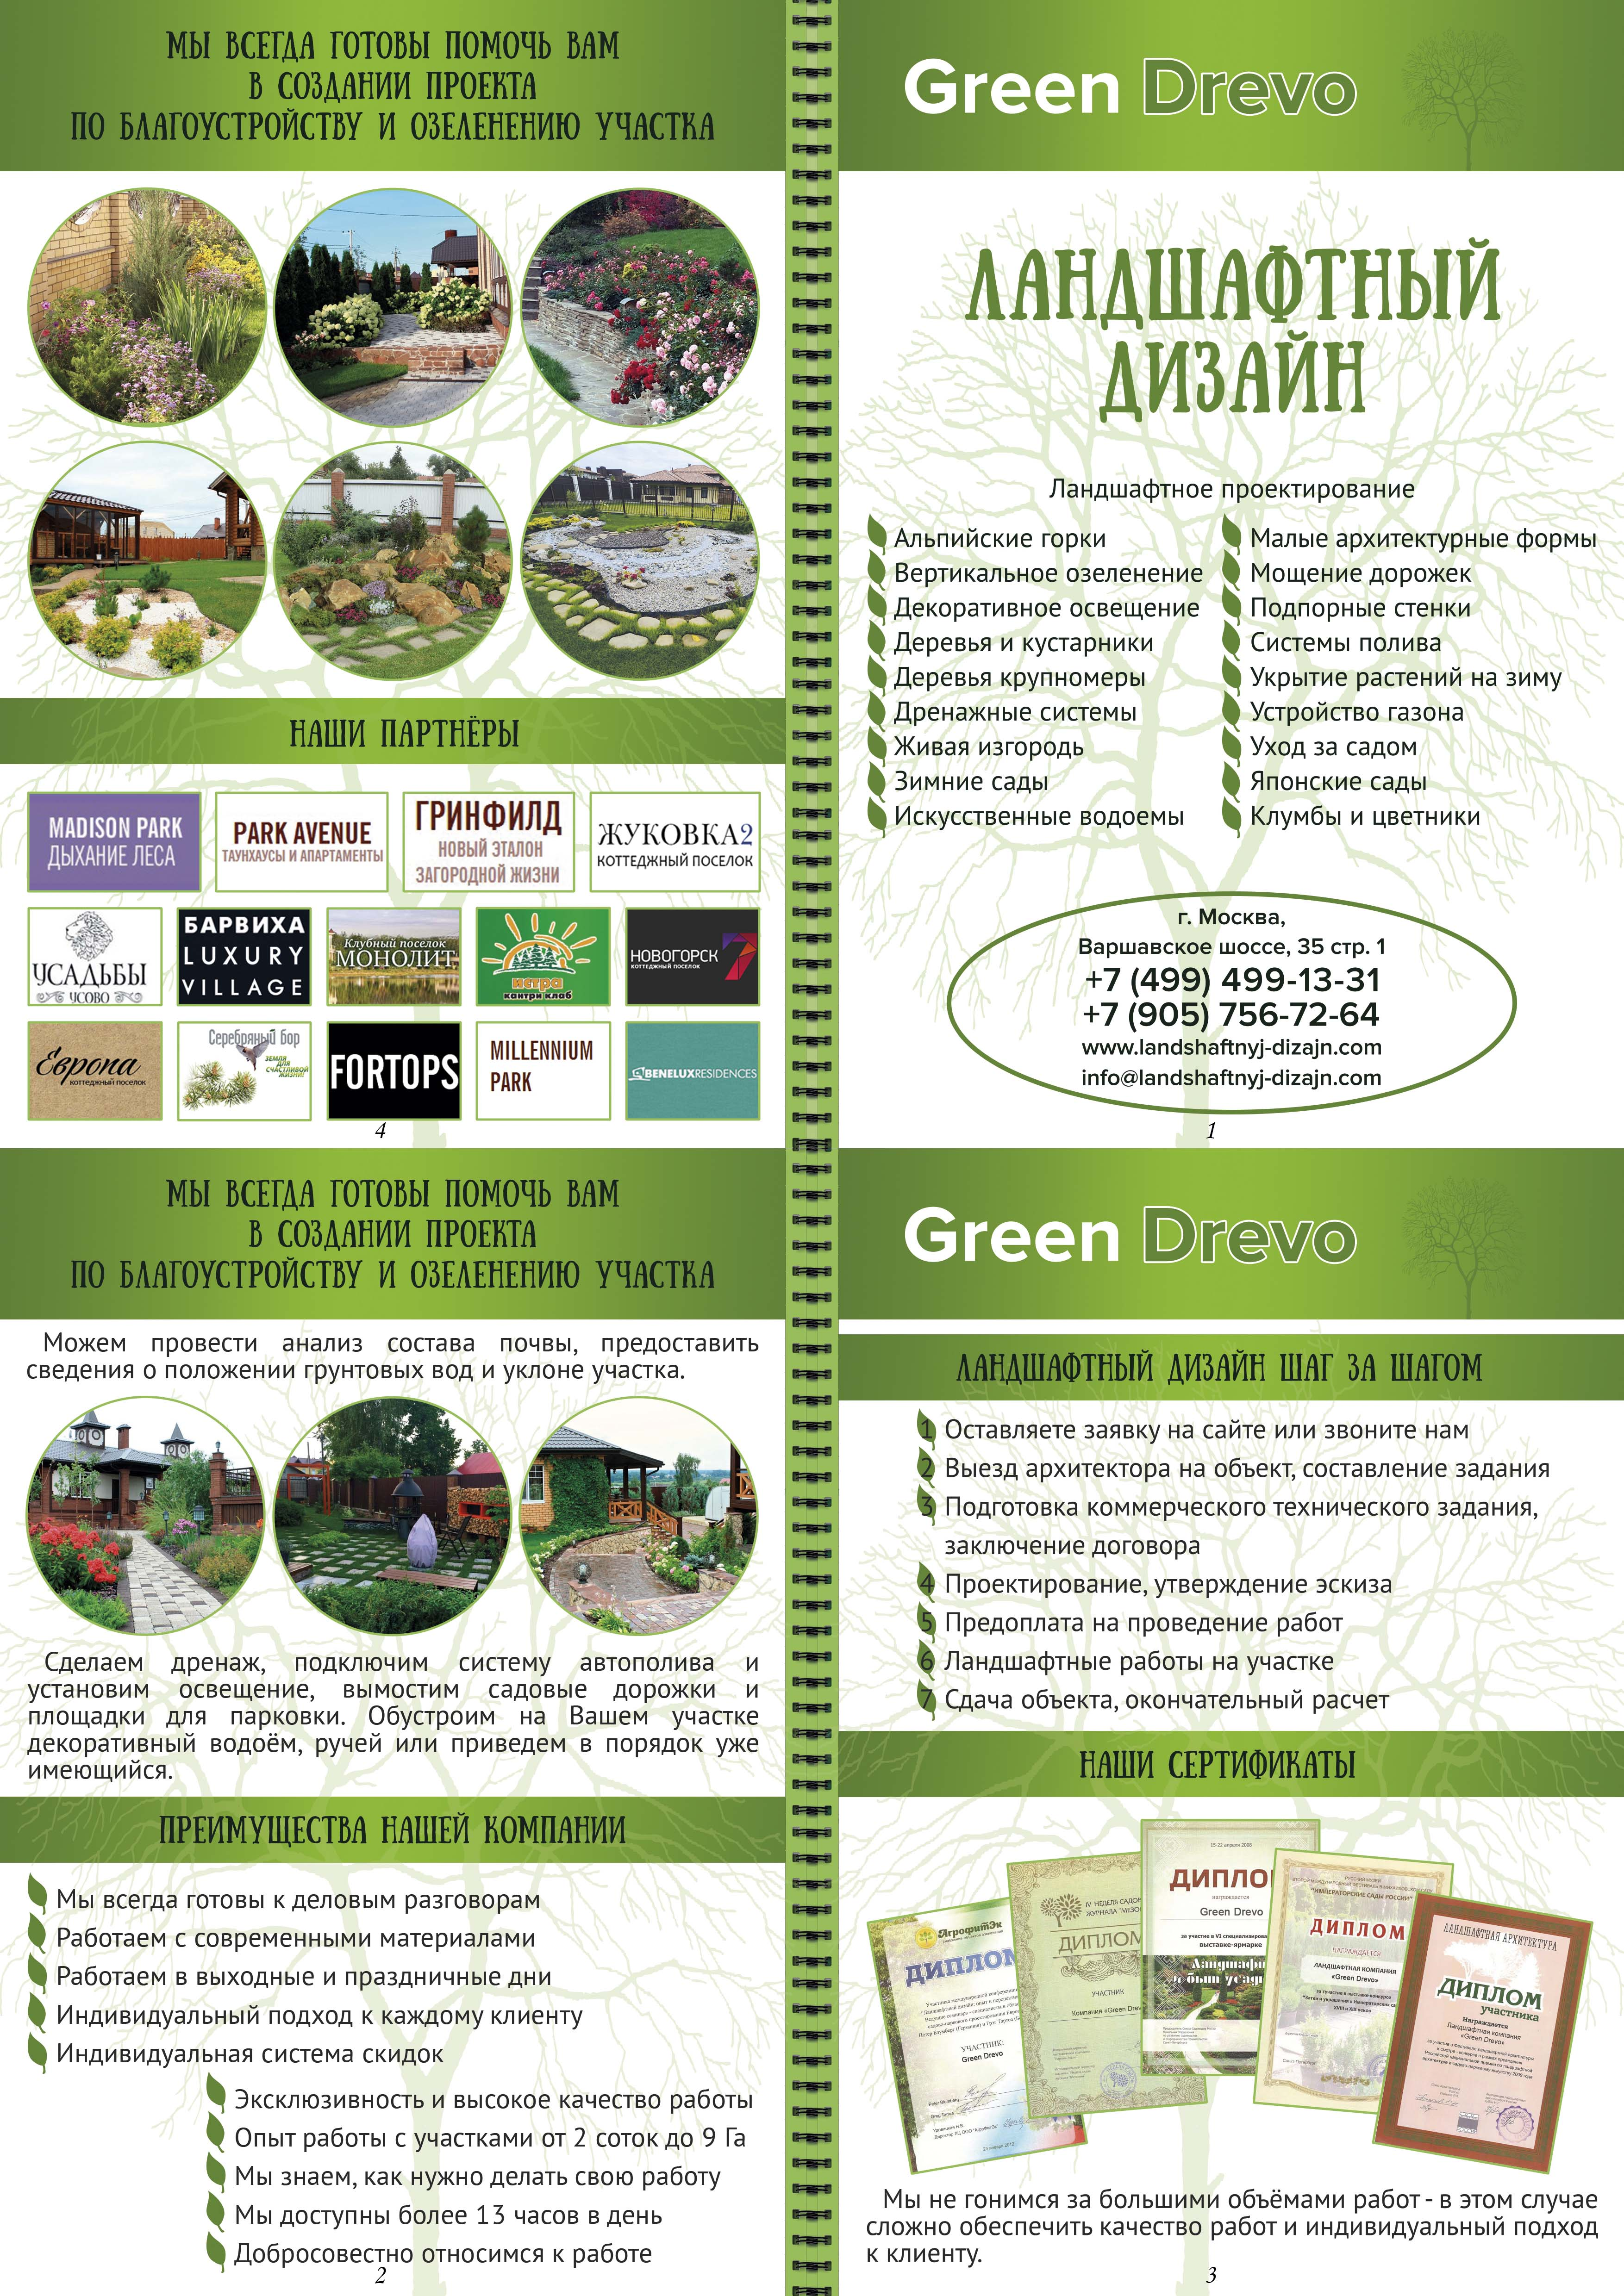 Буклет - Ландшафтный дизайн